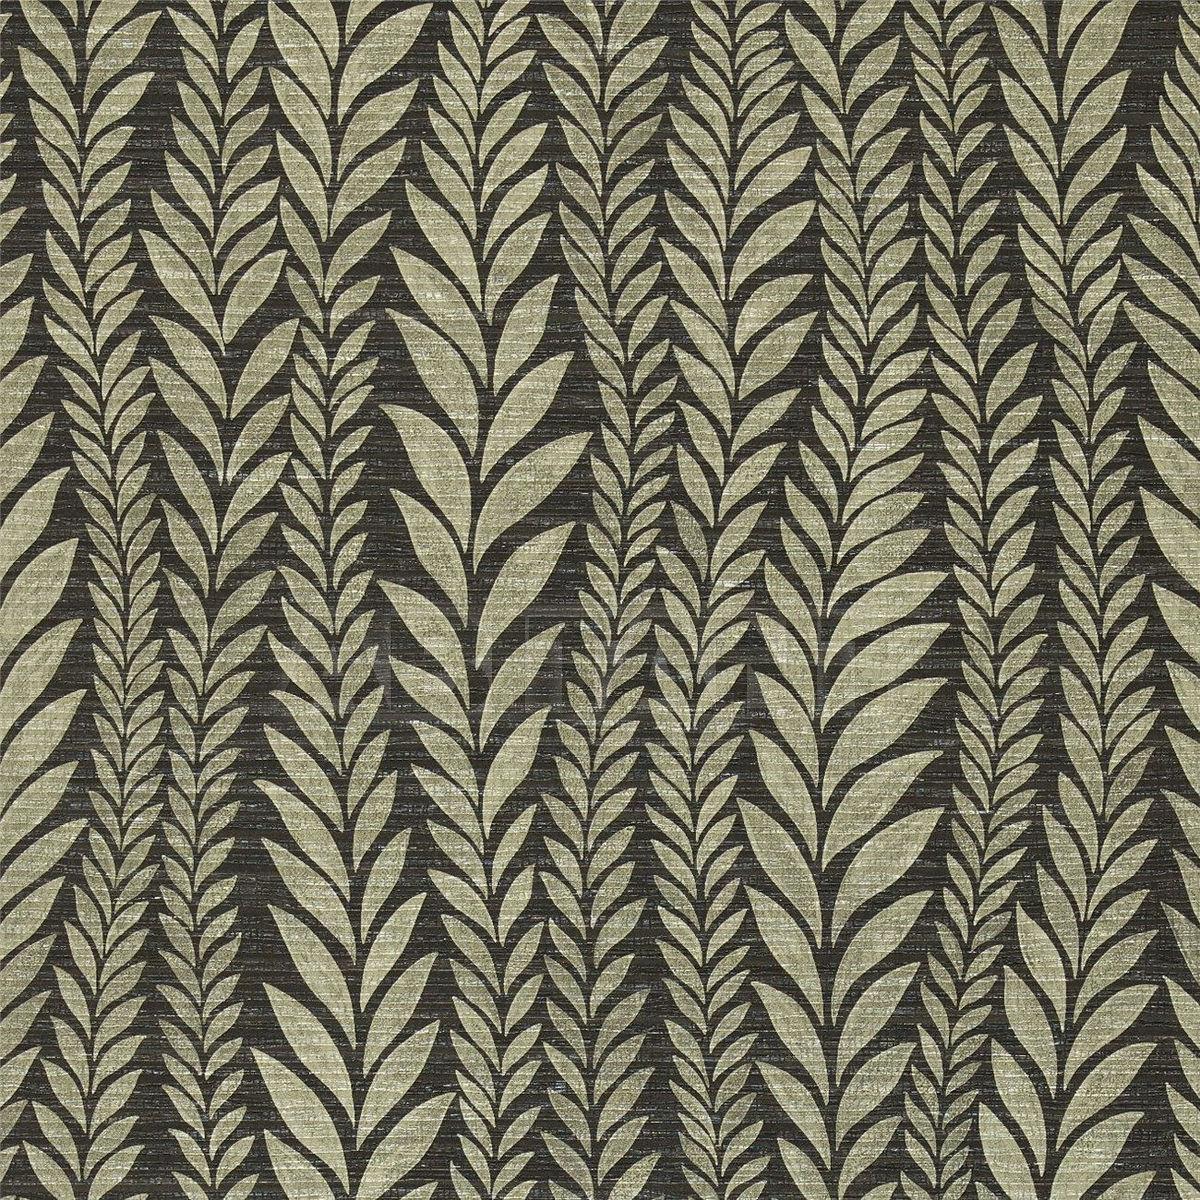 vinilovye_oboi_florian_harlequin_arkona_wallpapers_607_78_large